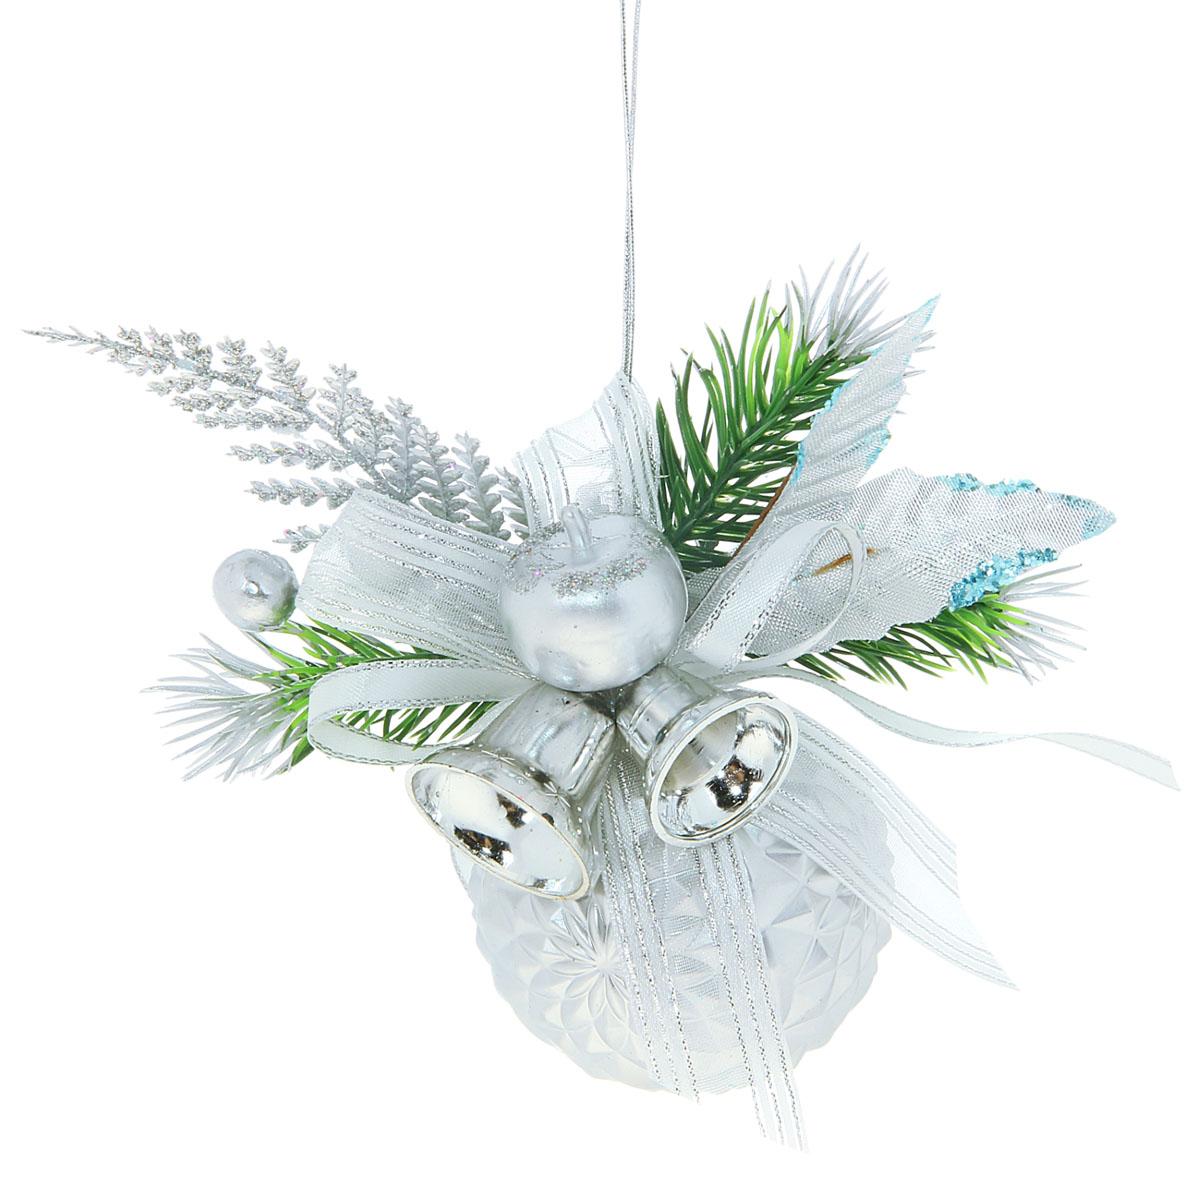 шар пластик декор d-6 см ажурный колокольчик серебро 705774705774шар пластик декор d-6 см ажурный колокольчик серебро 705774